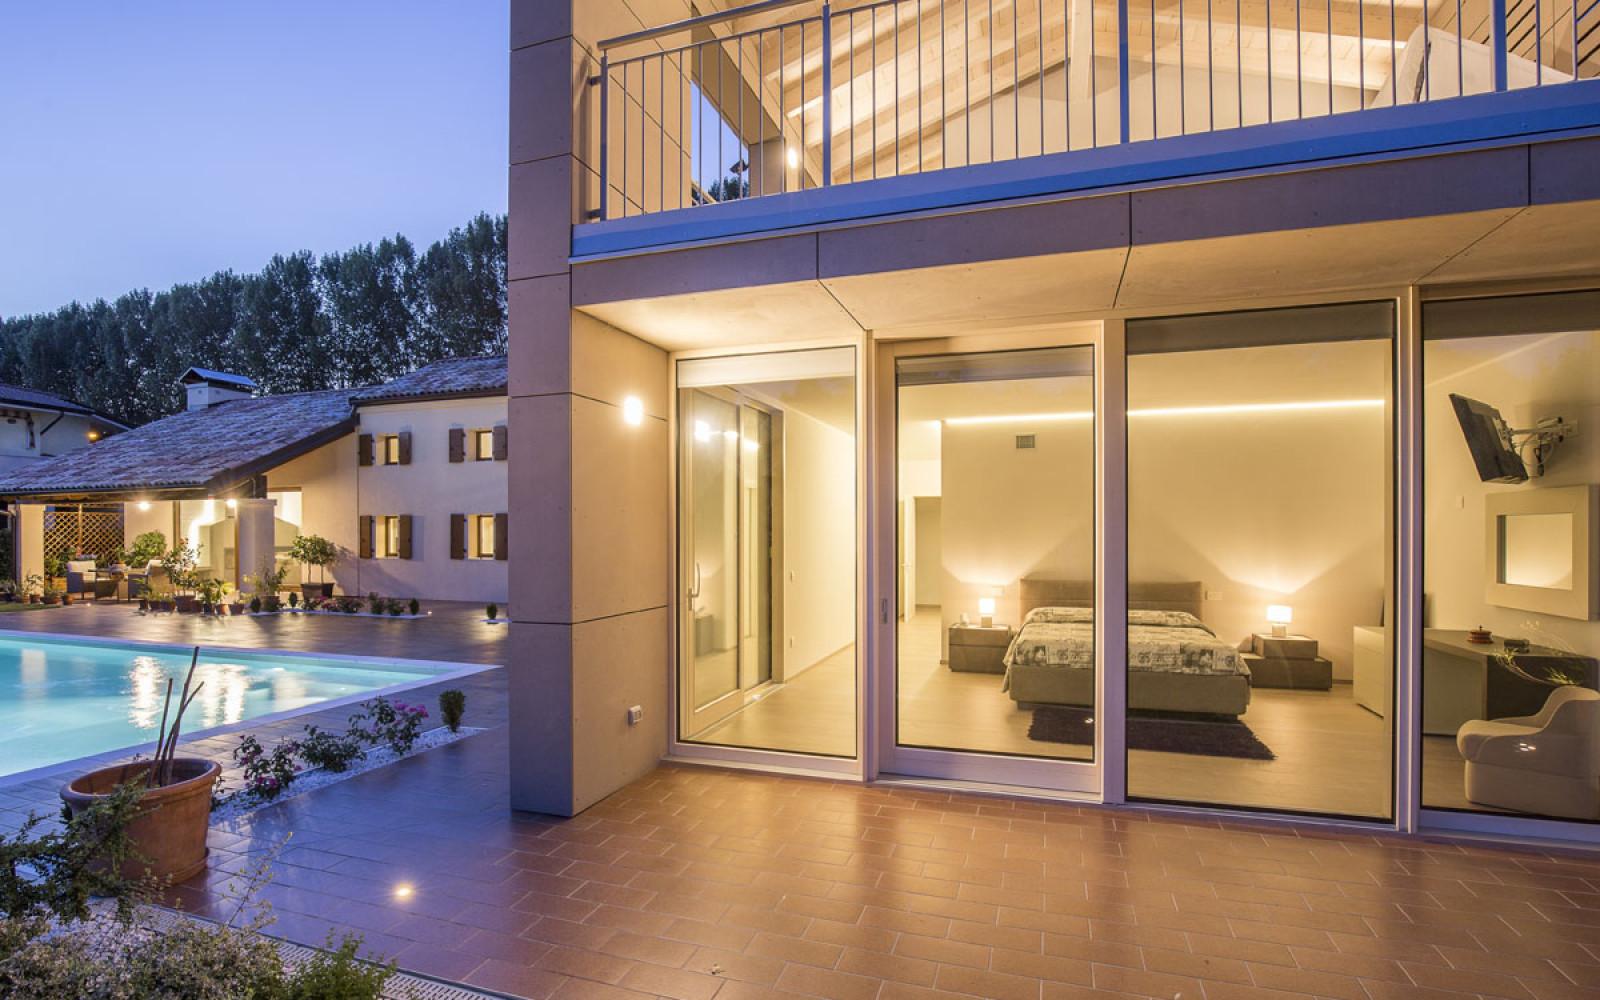 Case prefabbricate in legno ecologiche a basso consumo for Progetti interni case moderne